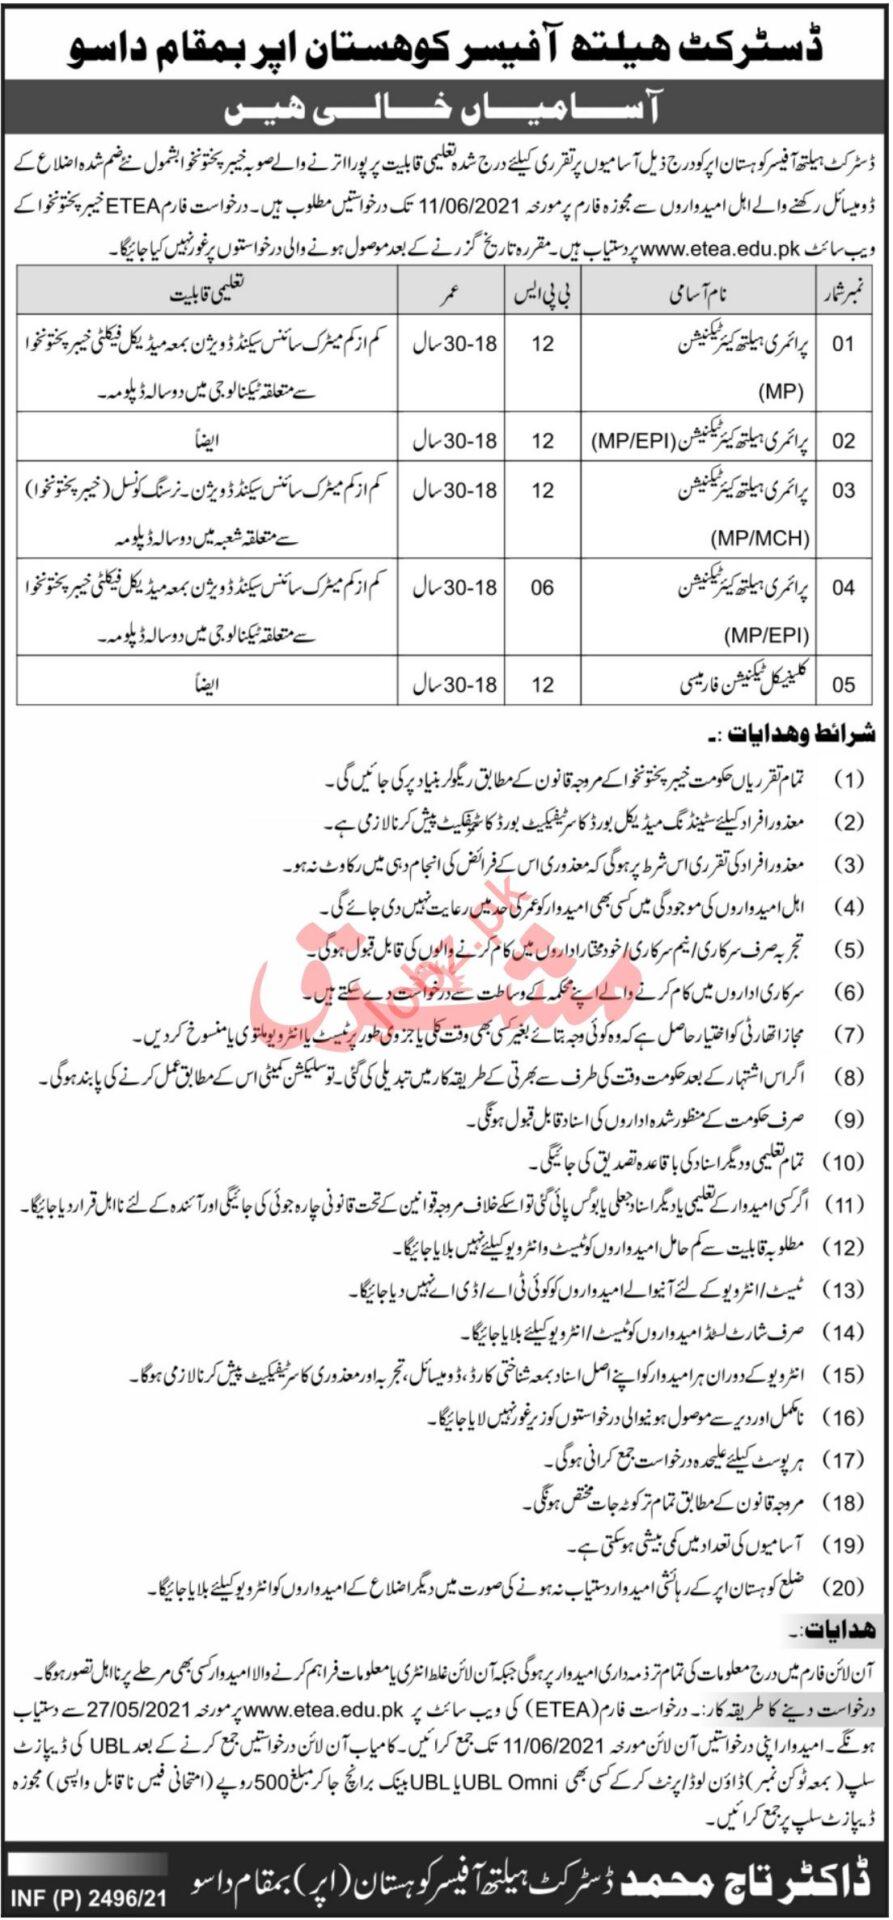 KP District Health Office Kohistan Upper Jobs ETEA Test Roll No Slip